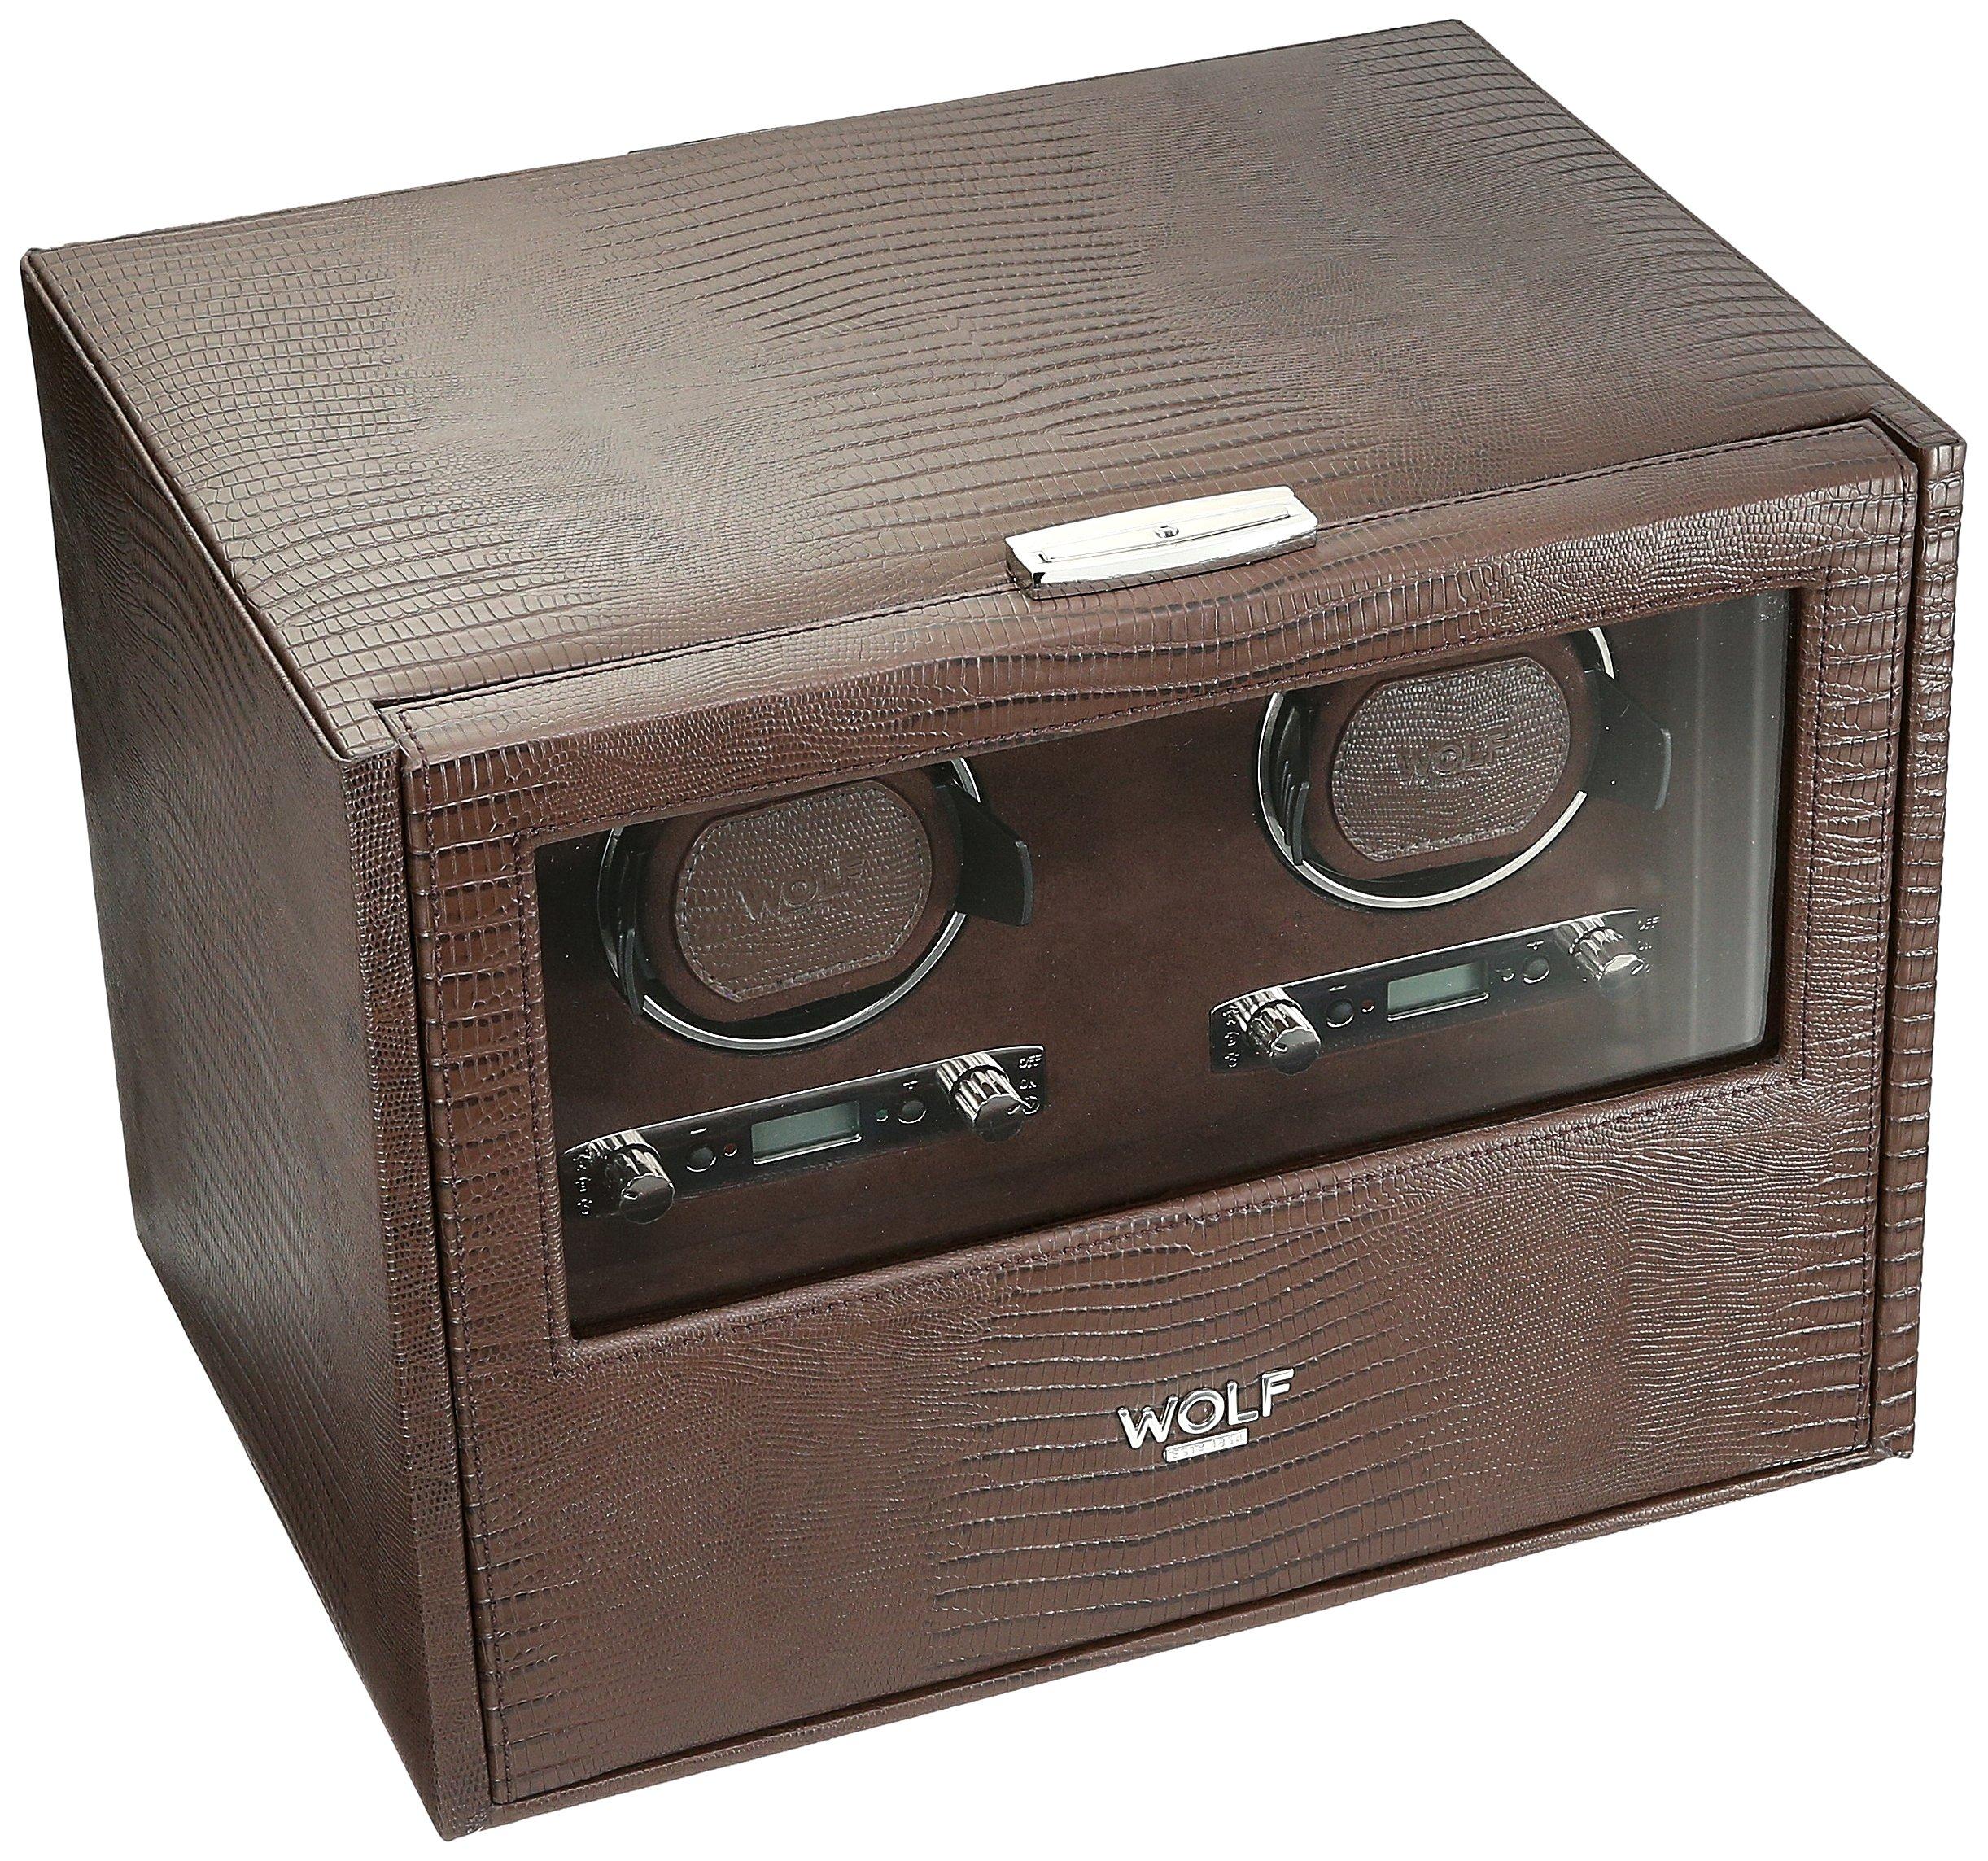 WOLF 460795 Blake Double Watch Winder with Storage, Brown